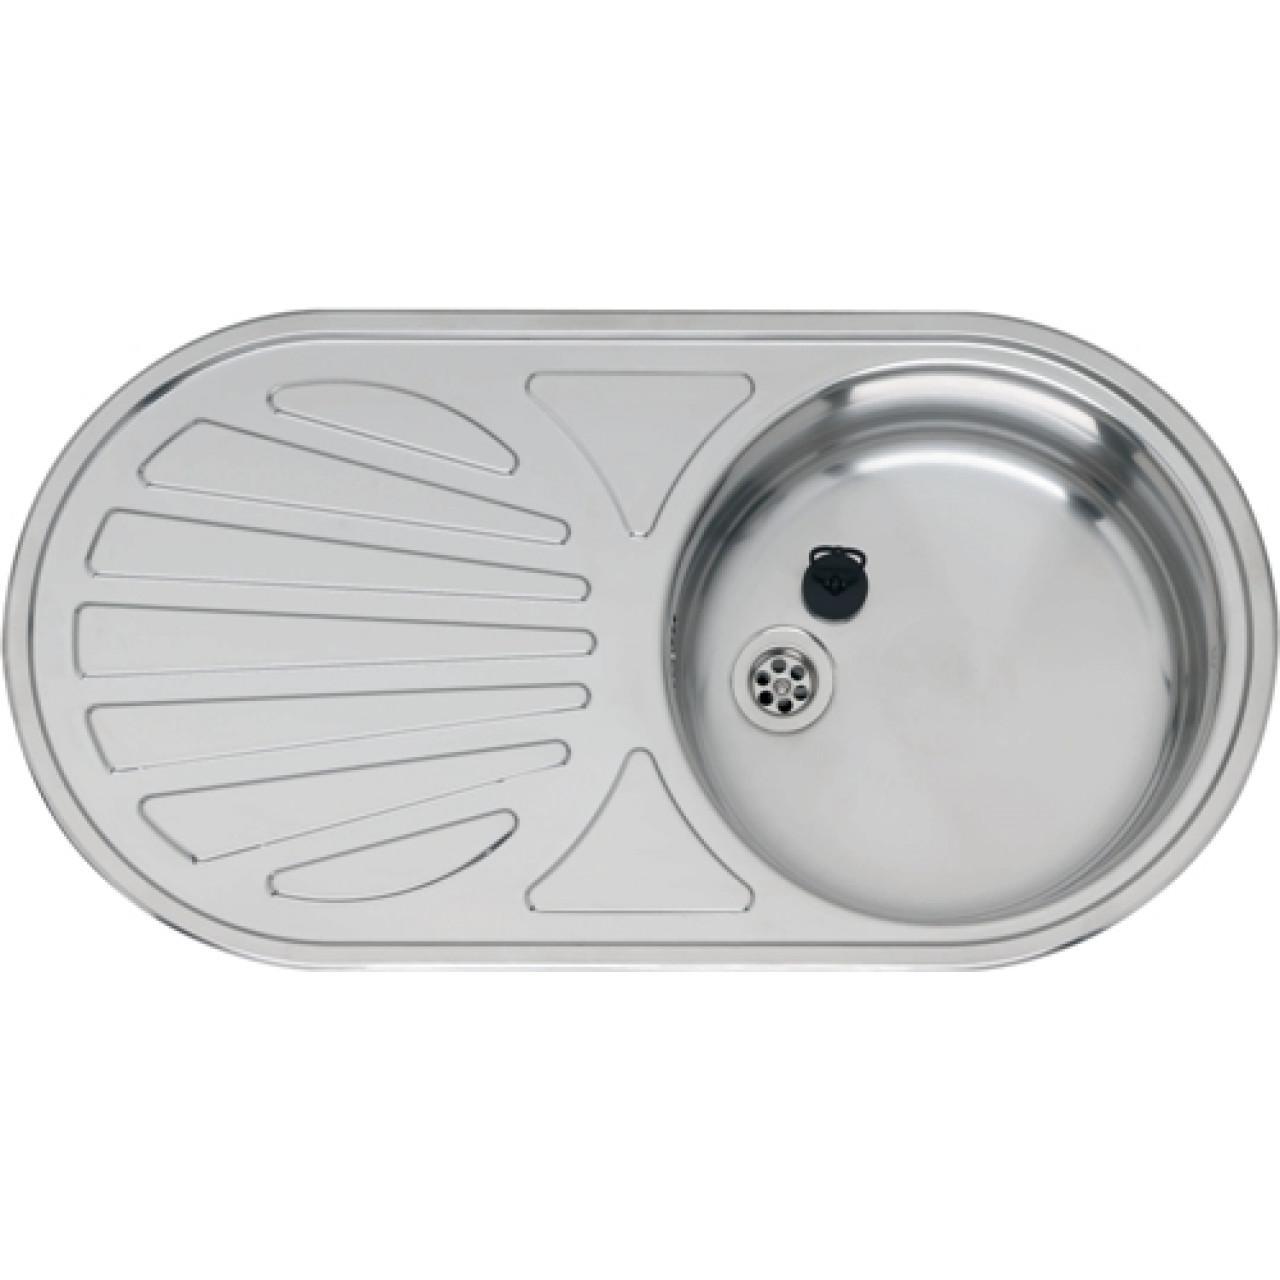 Кухонная мойка Reginox Galicia LINEN OKG 37894 купить в Москве по цене от 8960р. в интернет-магазине mebel-v-vannu.ru